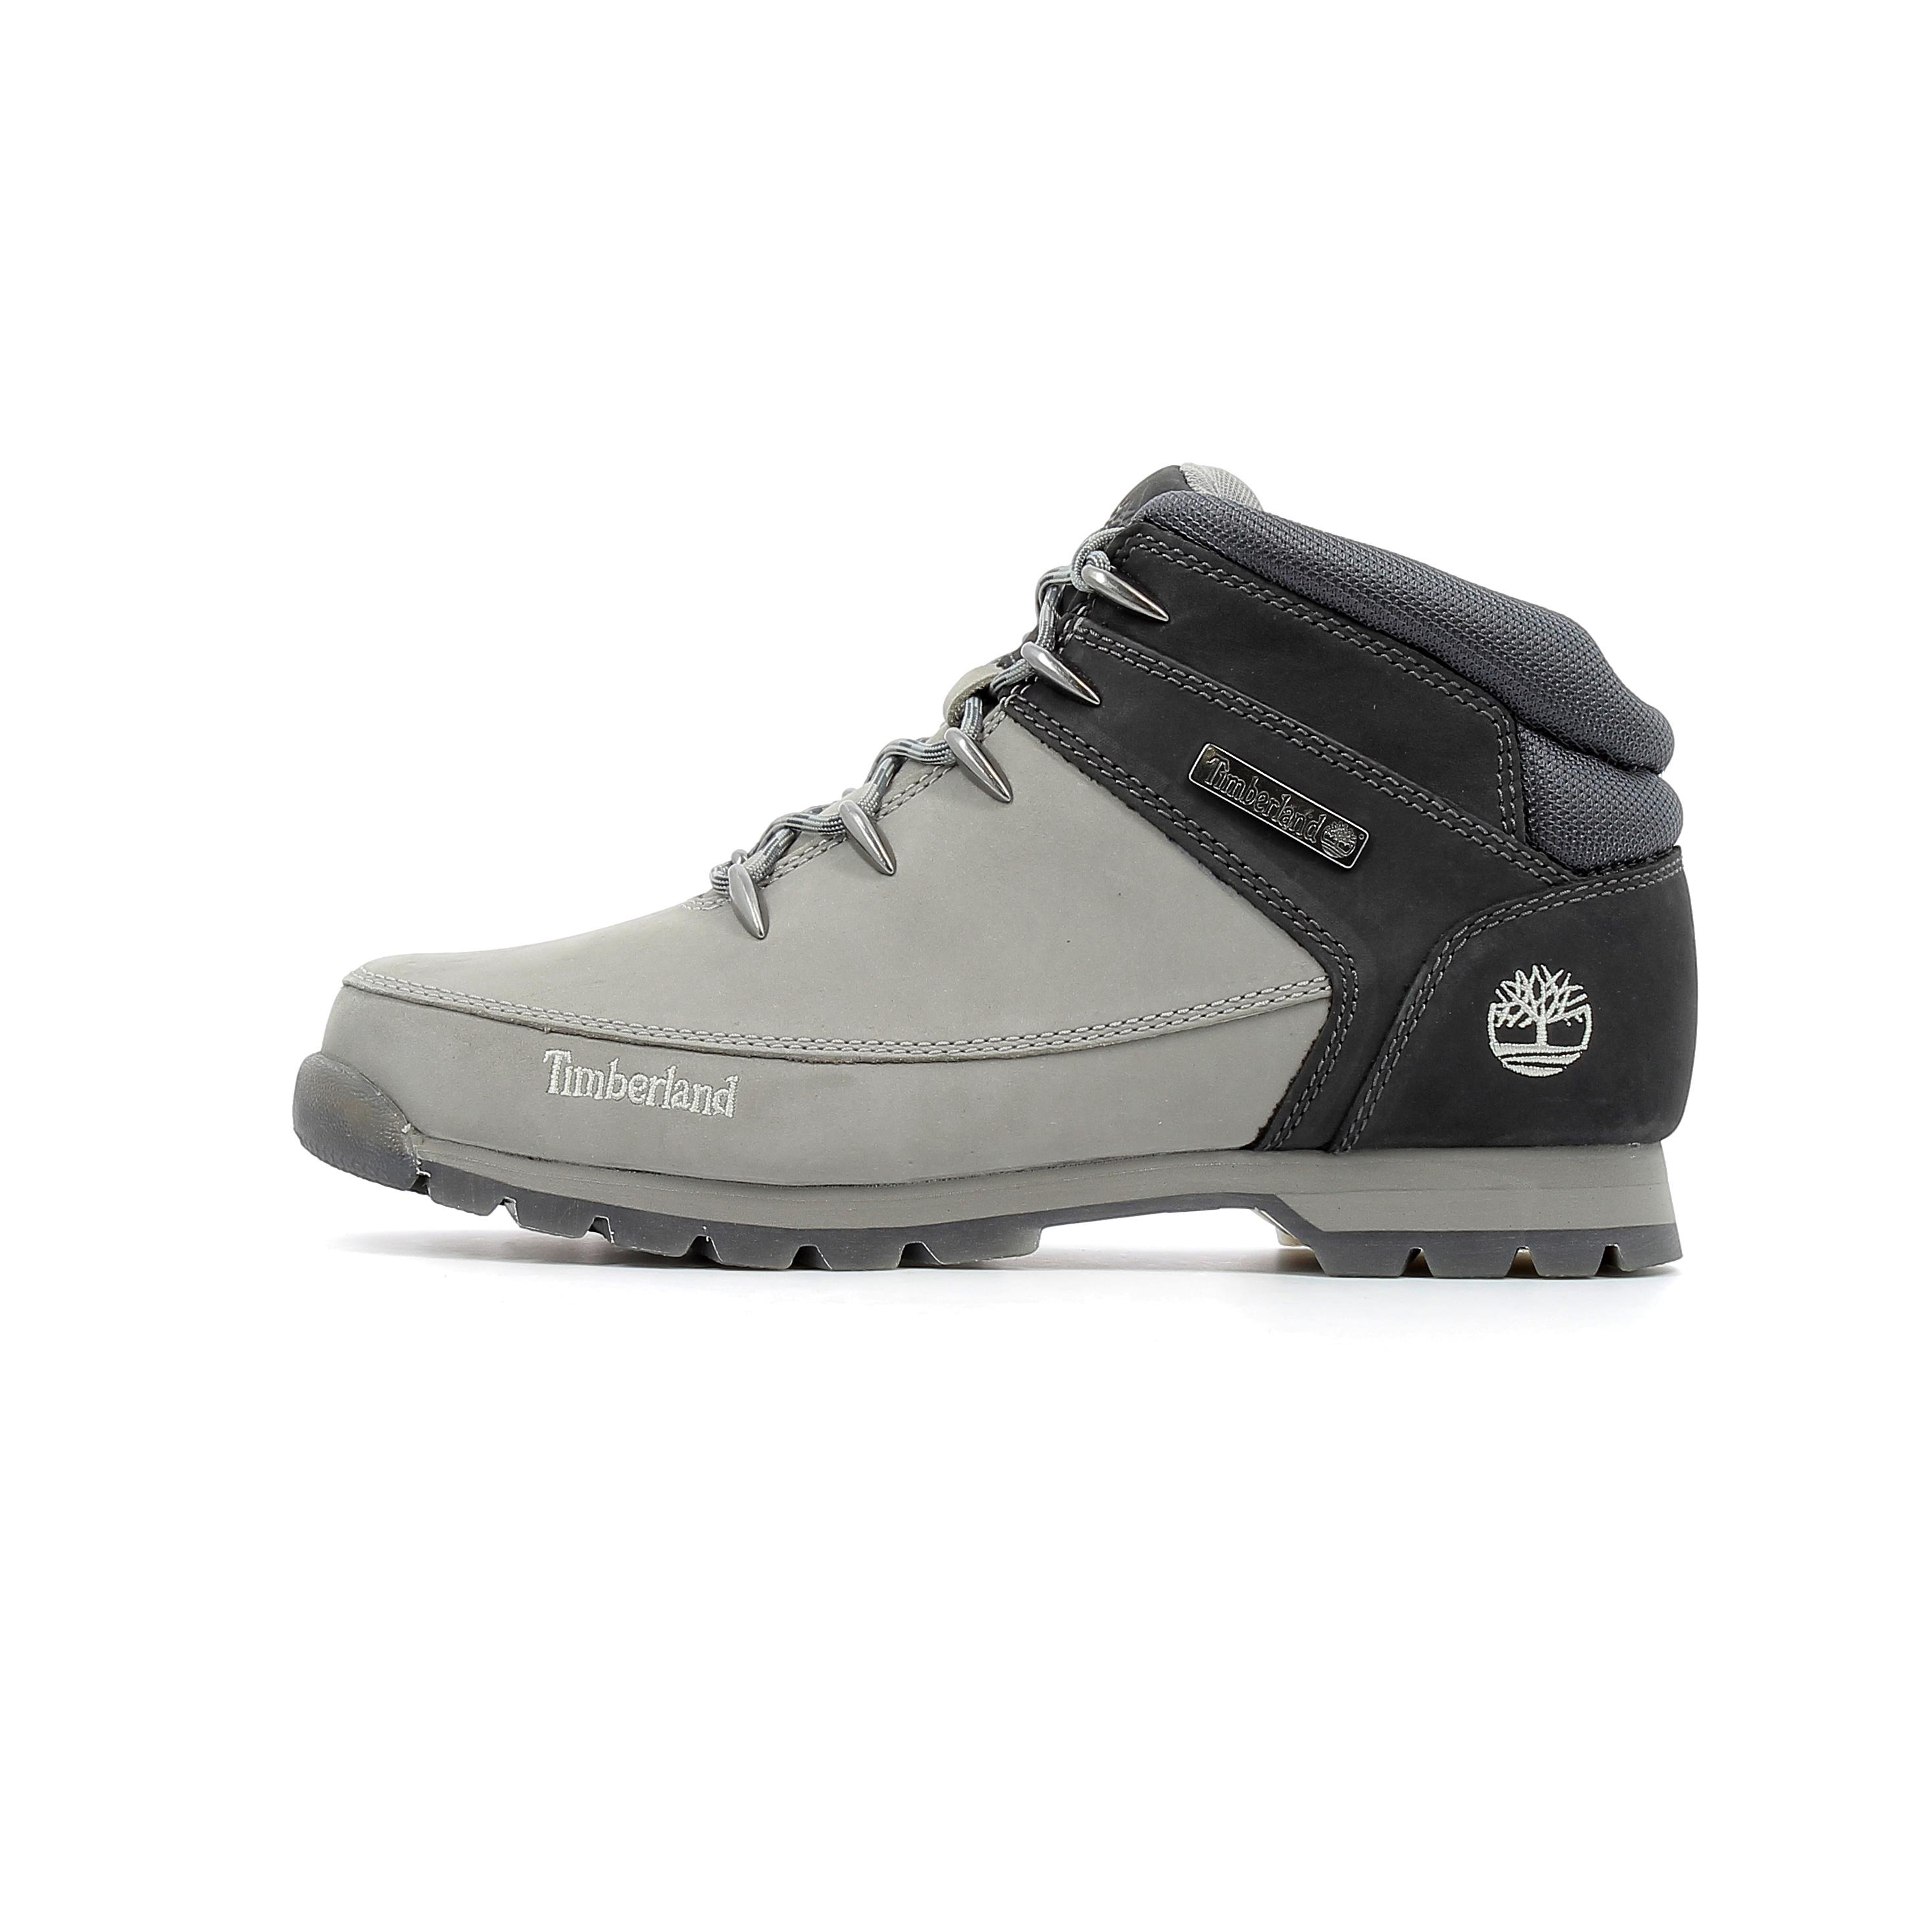 Sprint De Hiker Chaussures Timberland Euro Randonnée Yb2eEIWD9H